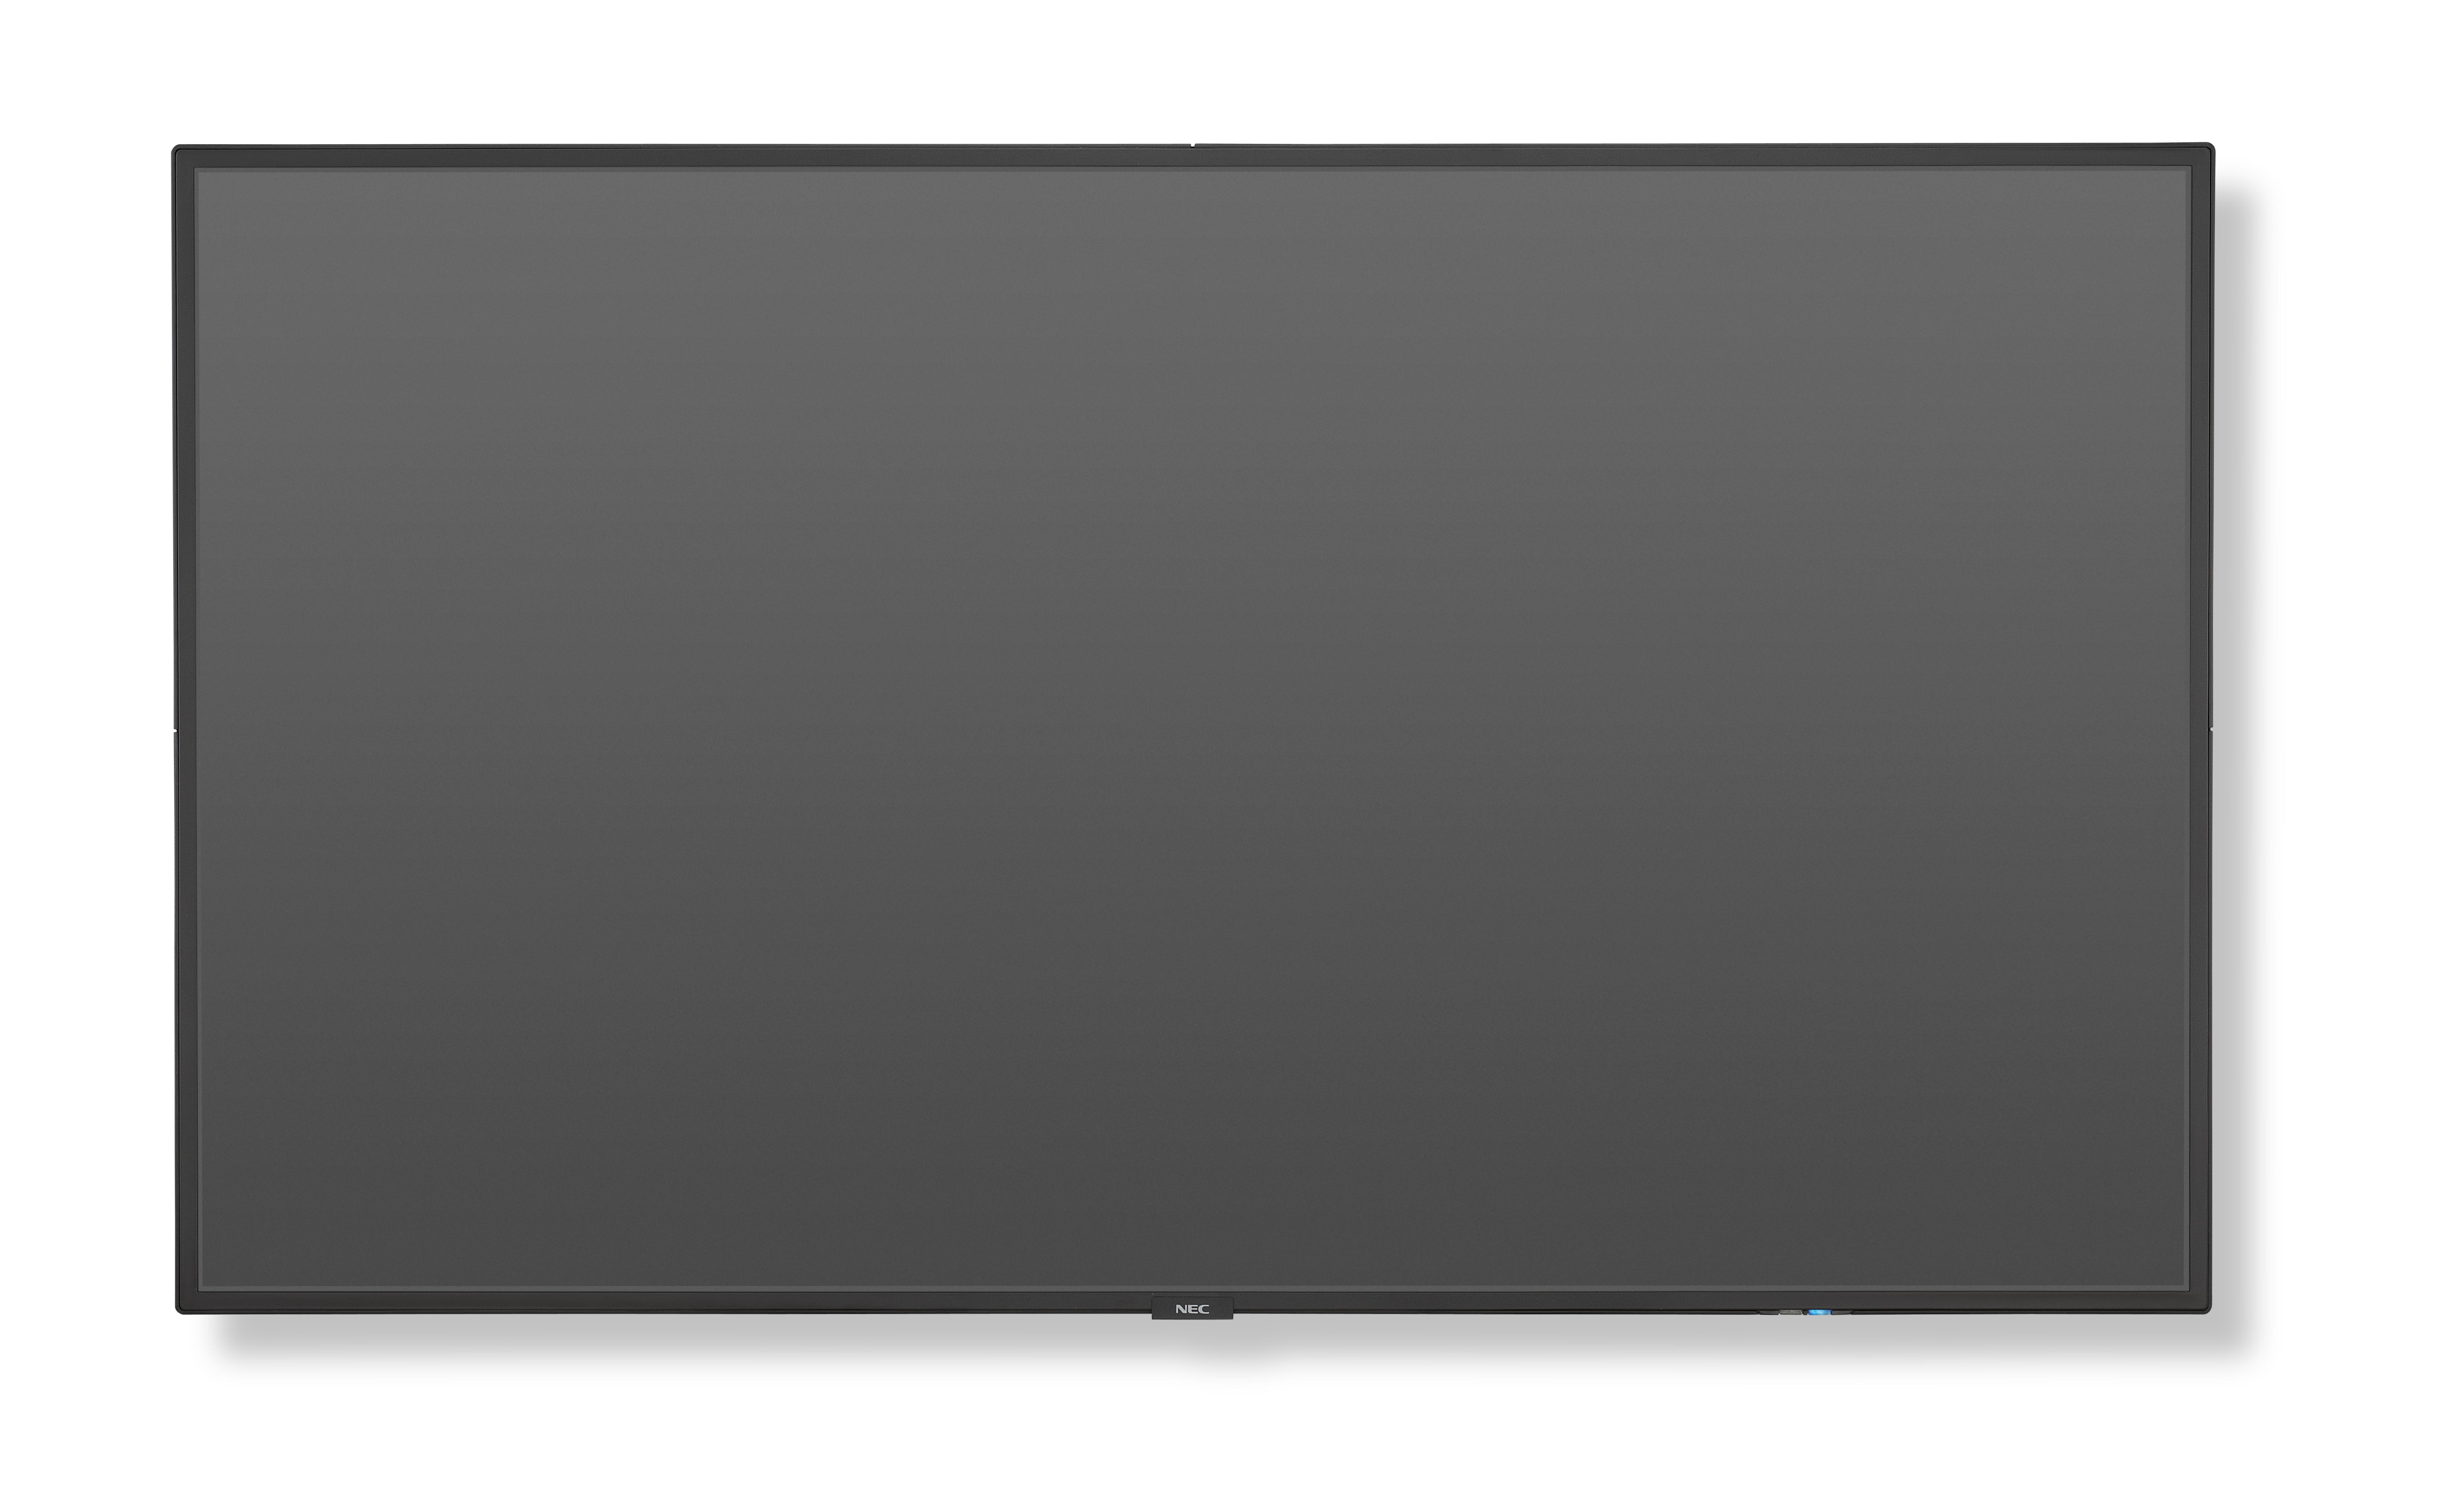 Displej-NEC-60004035-V554